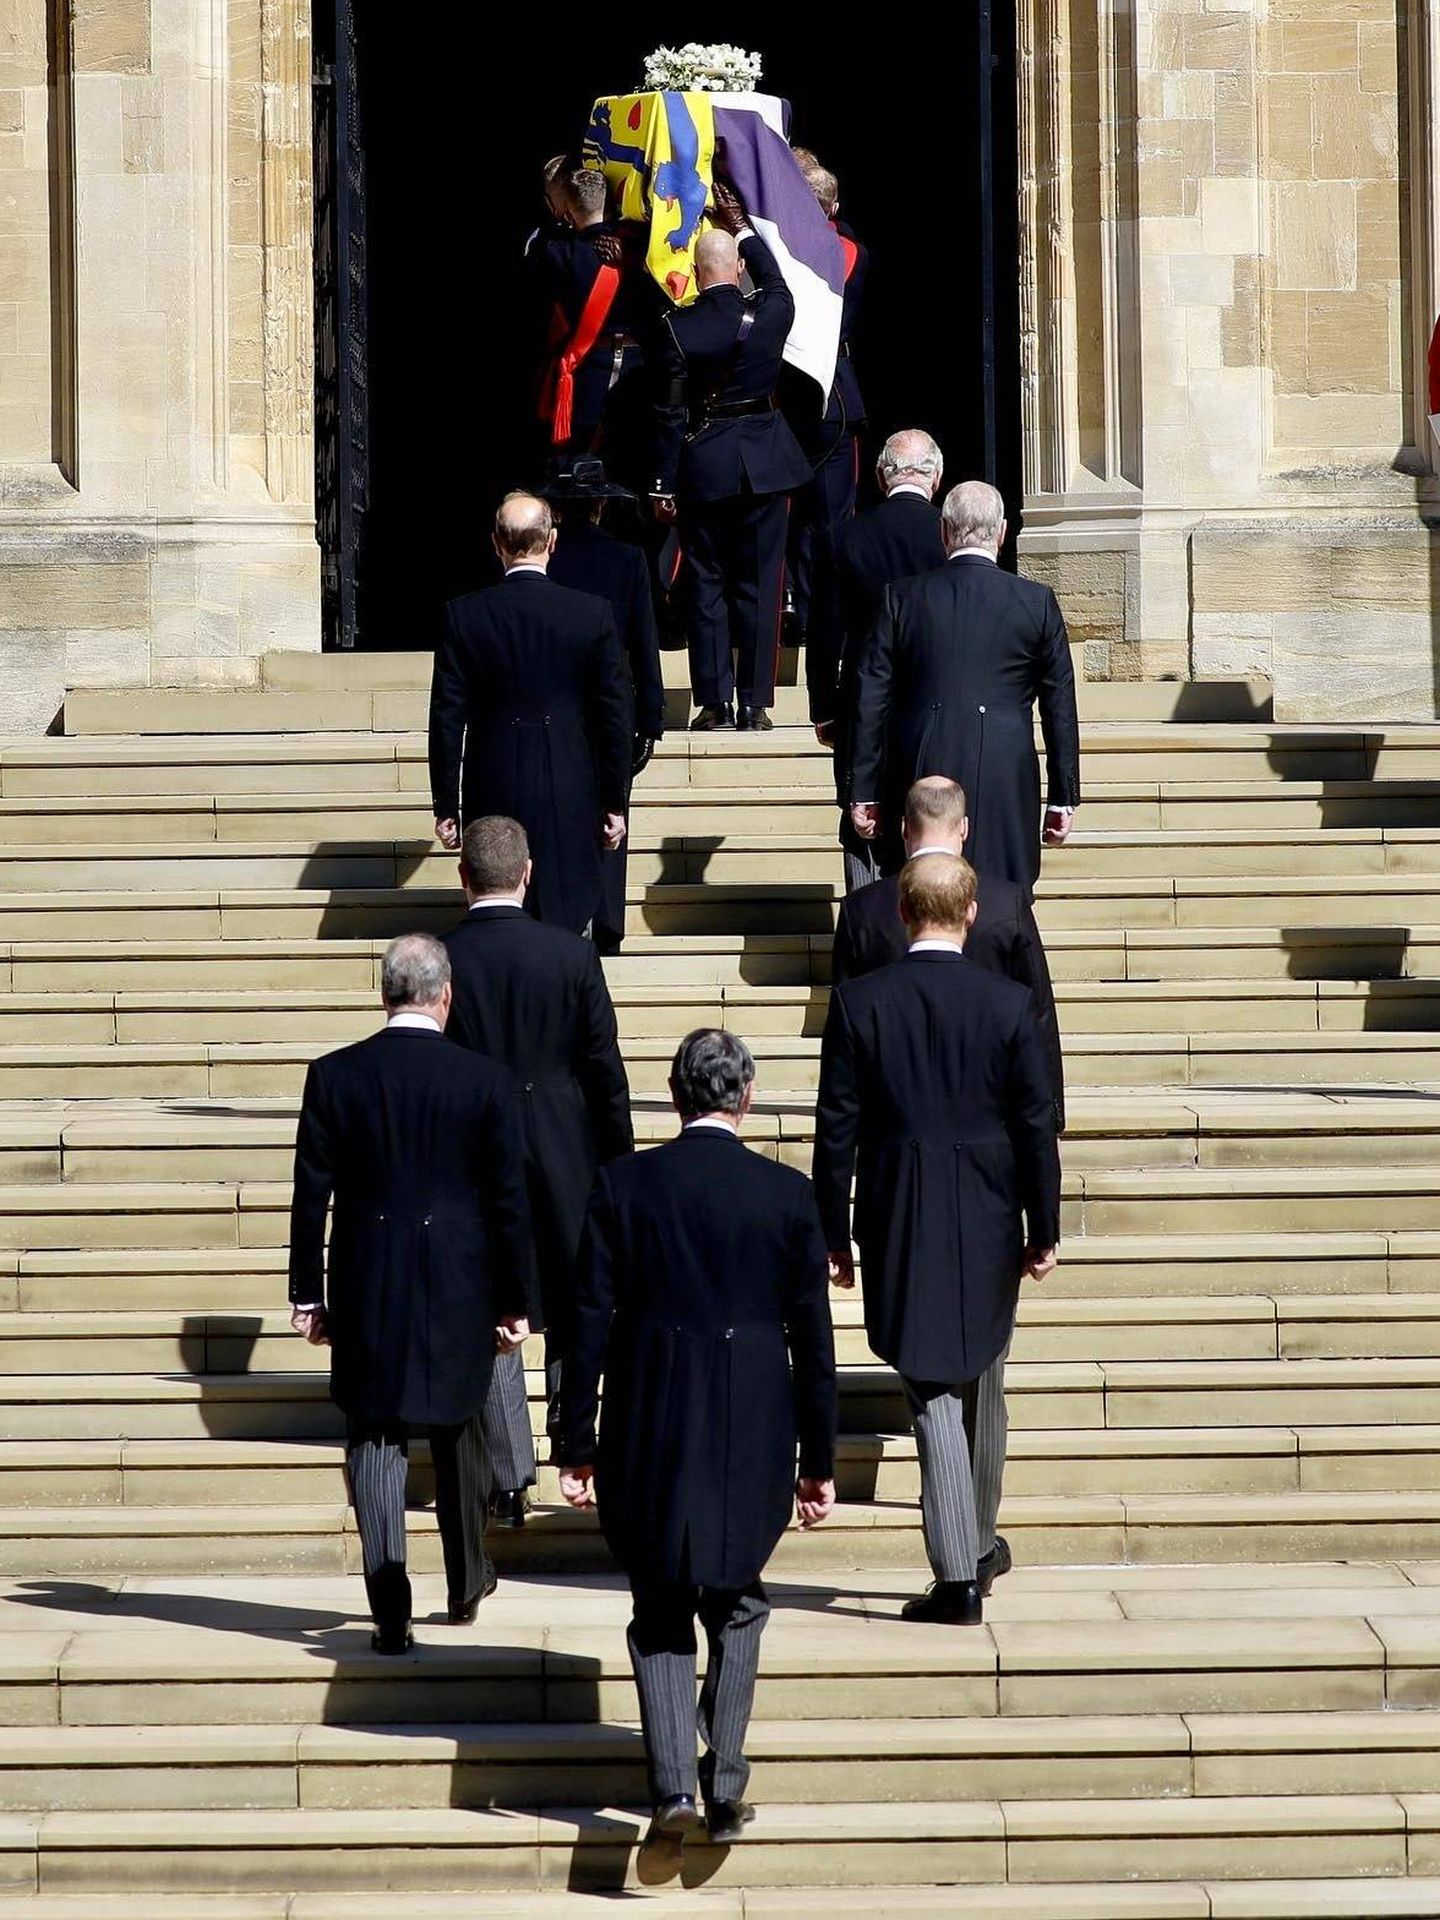 El cortejo fúnebre en el último adiós al duque de Edimburgo. (Palacio de Buckingham)